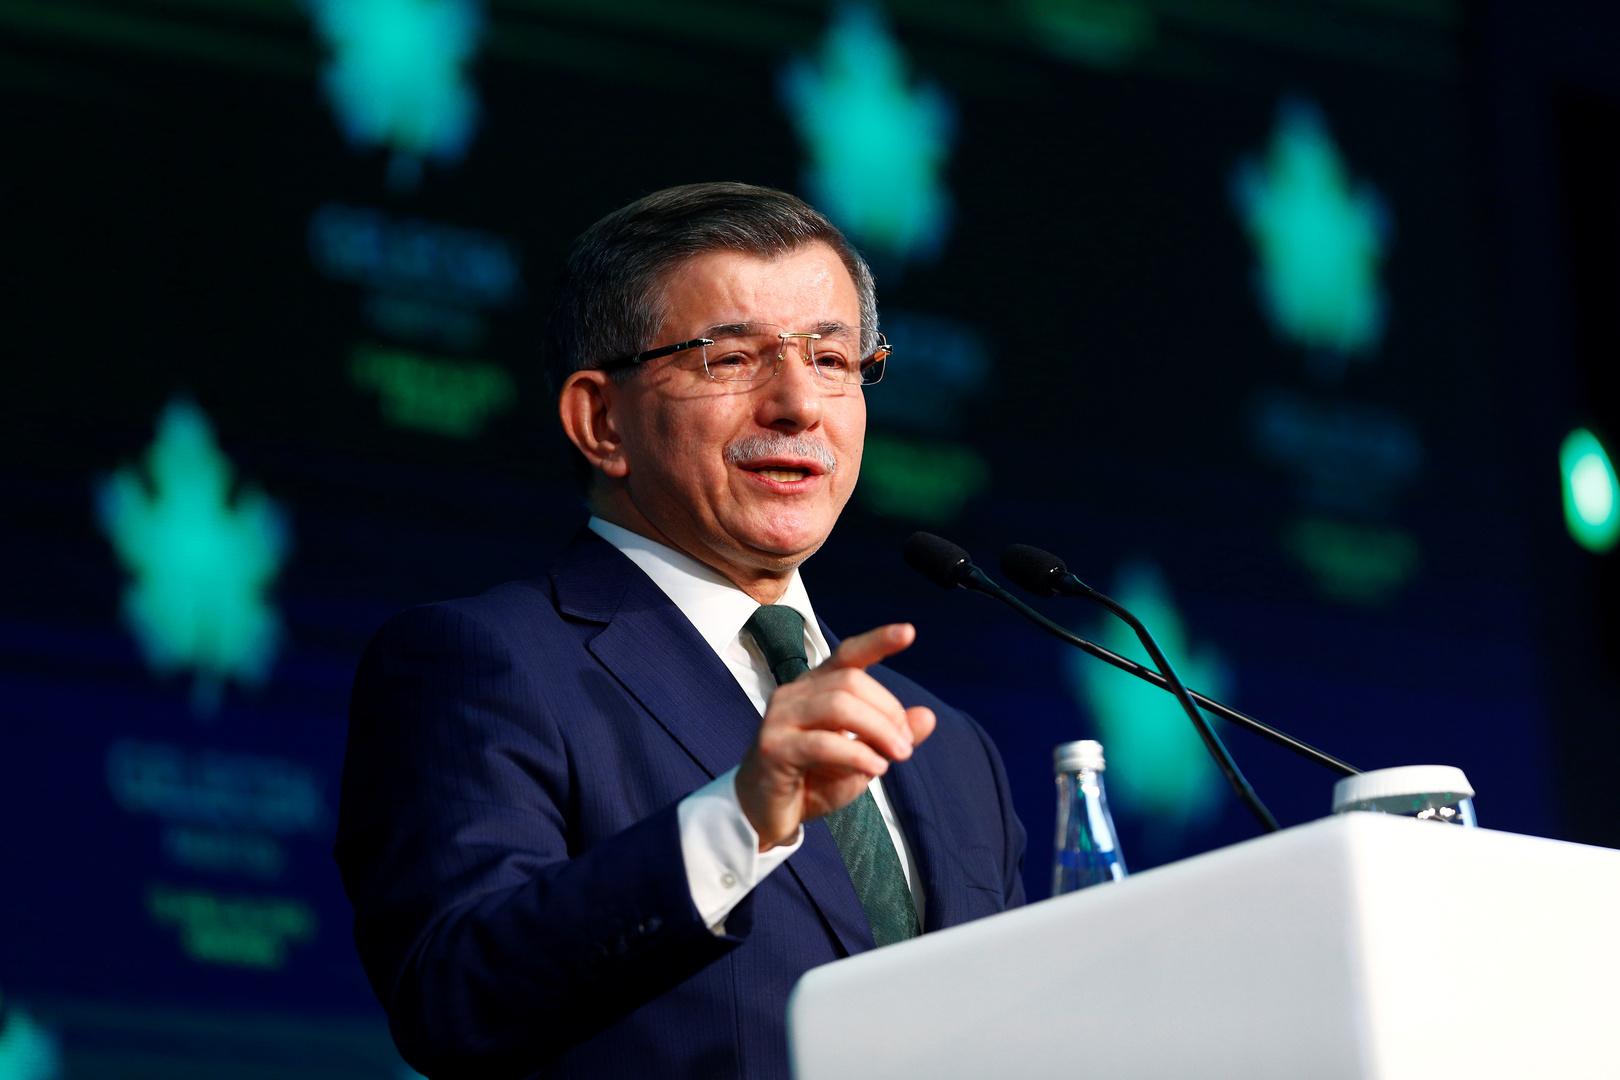 داوود أوغلو يطالب أردوغان بالرد على تهديدات المافيا للمعارضة